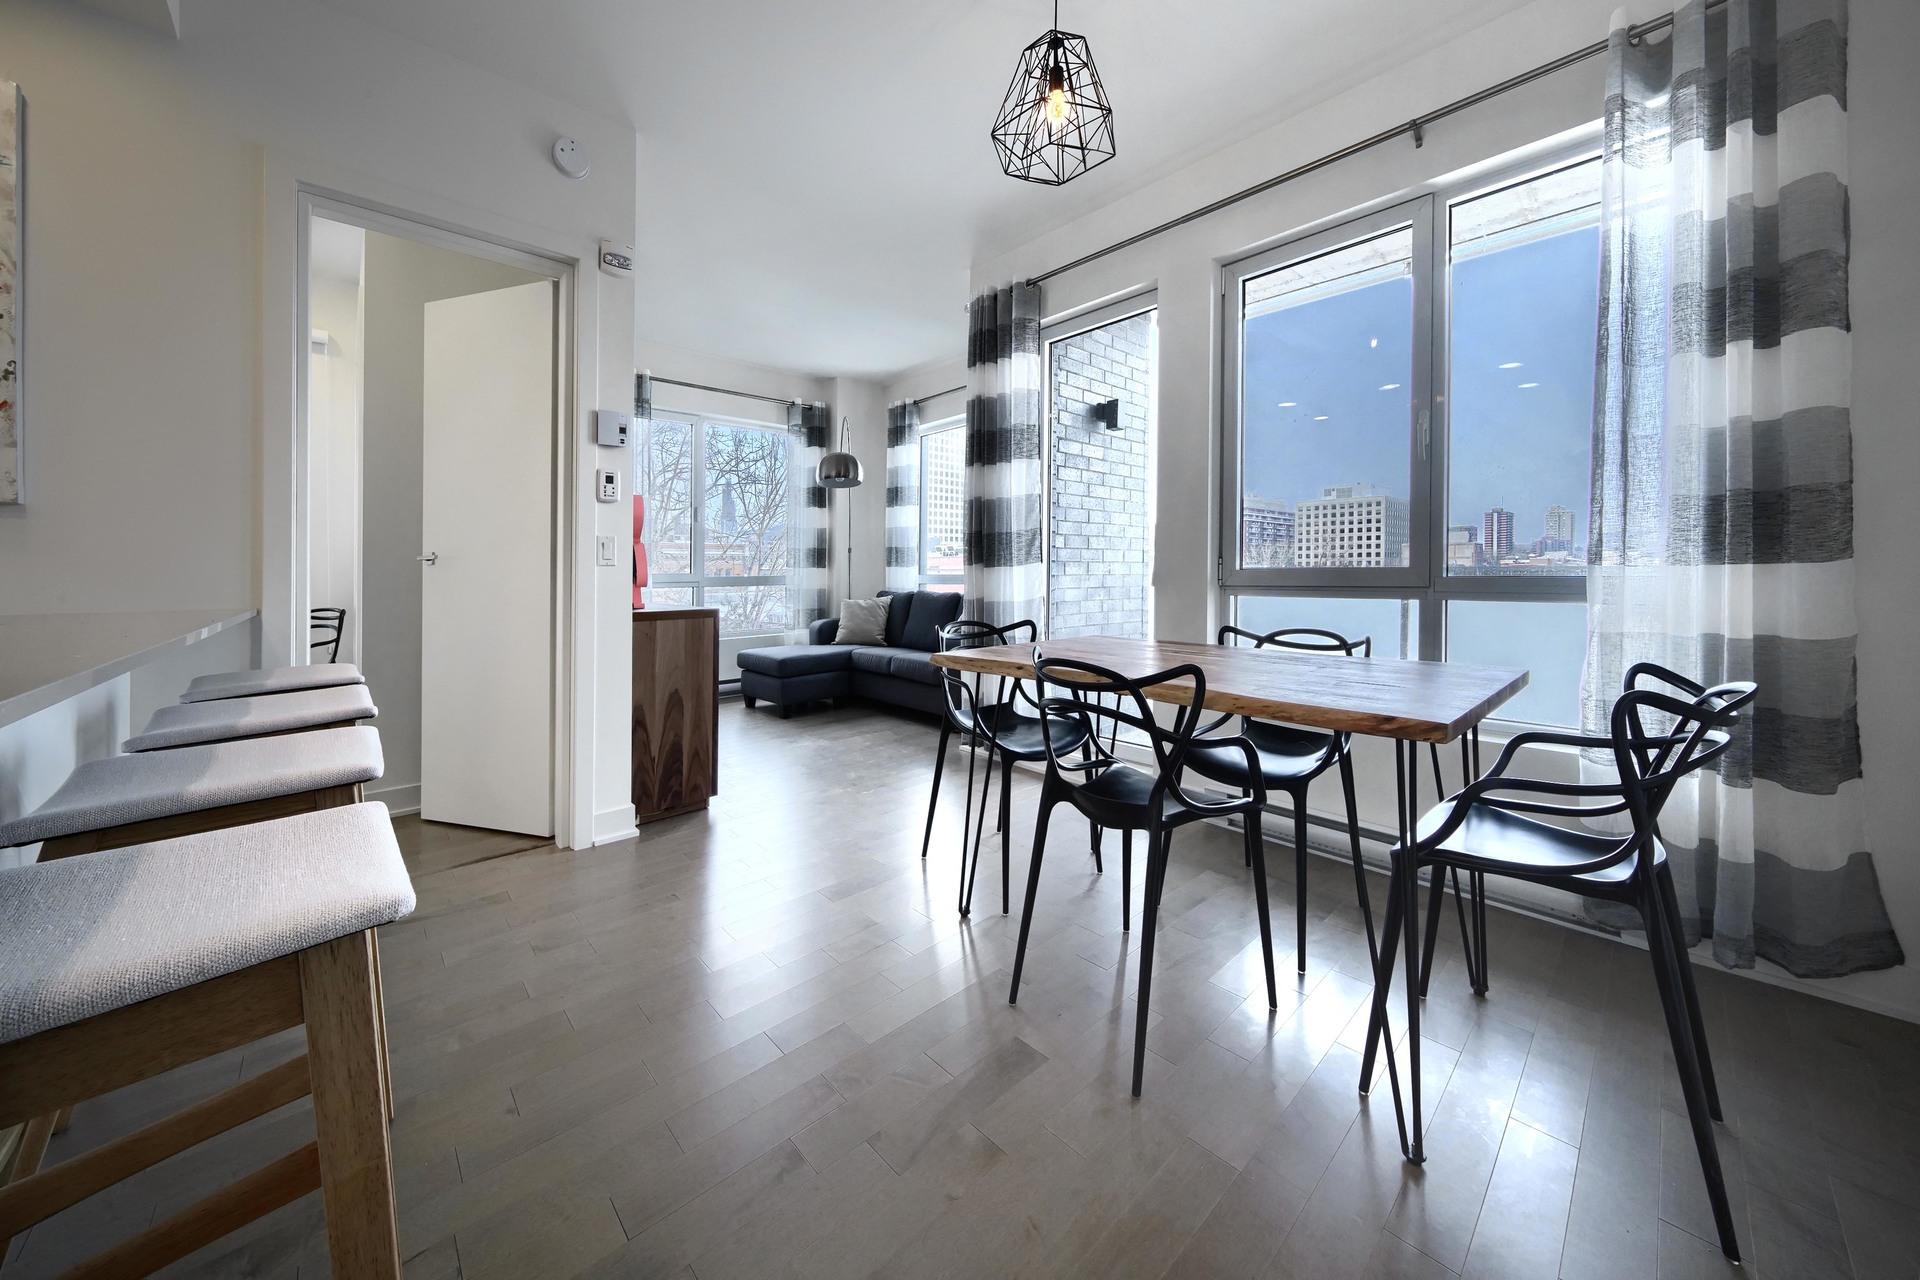 image 3 - Condo For rent Montréal - 4 rooms